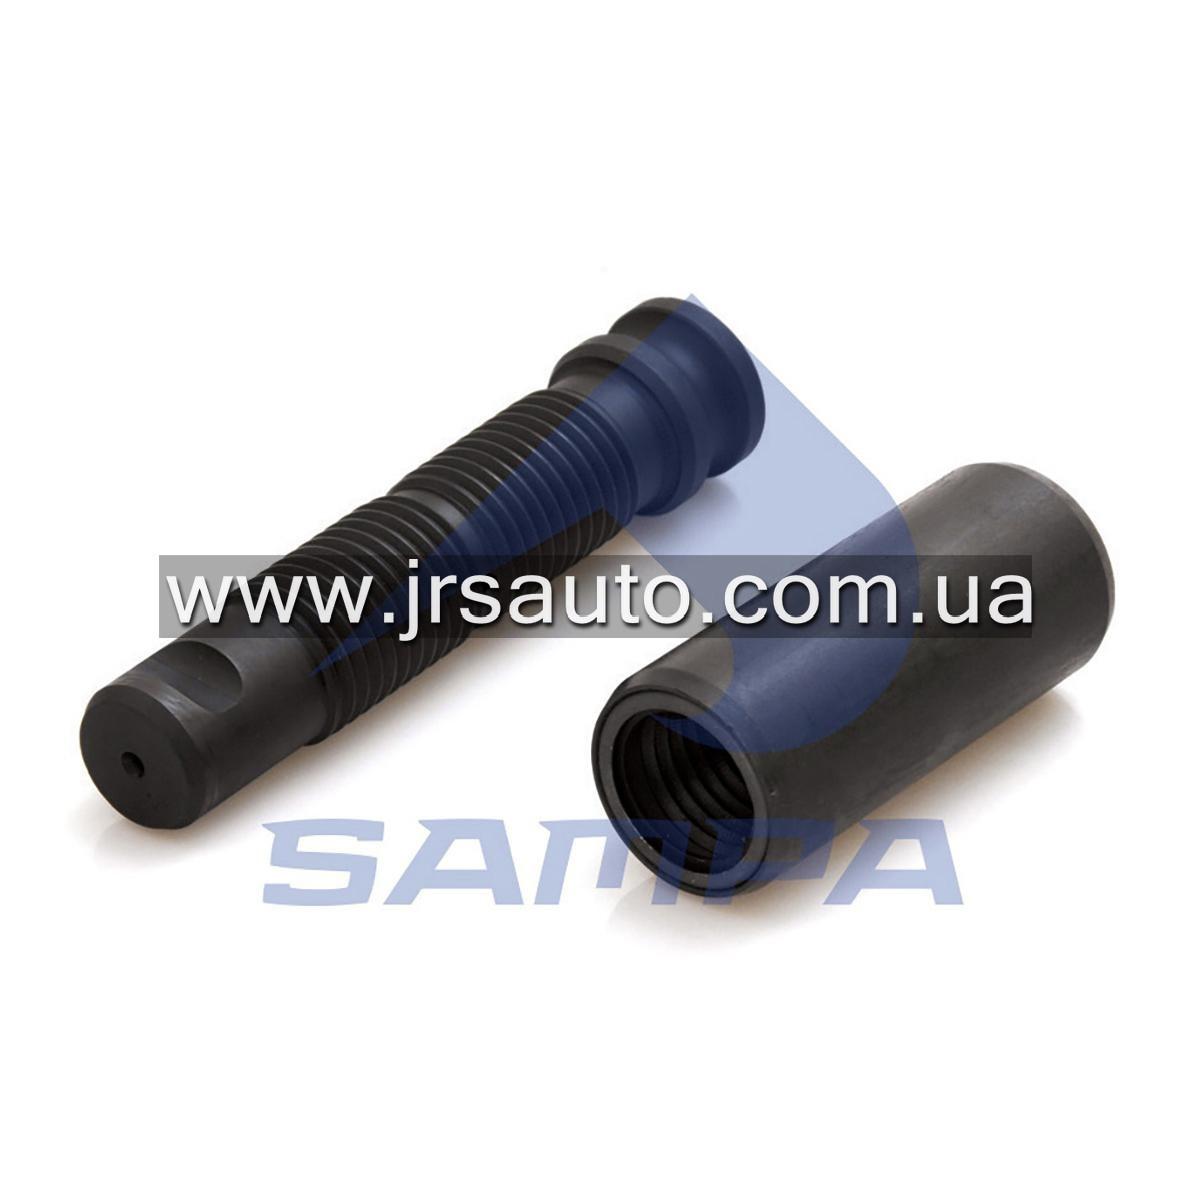 Ремкомплект пальца рессоры VOLVO (d38/d45) \030.548